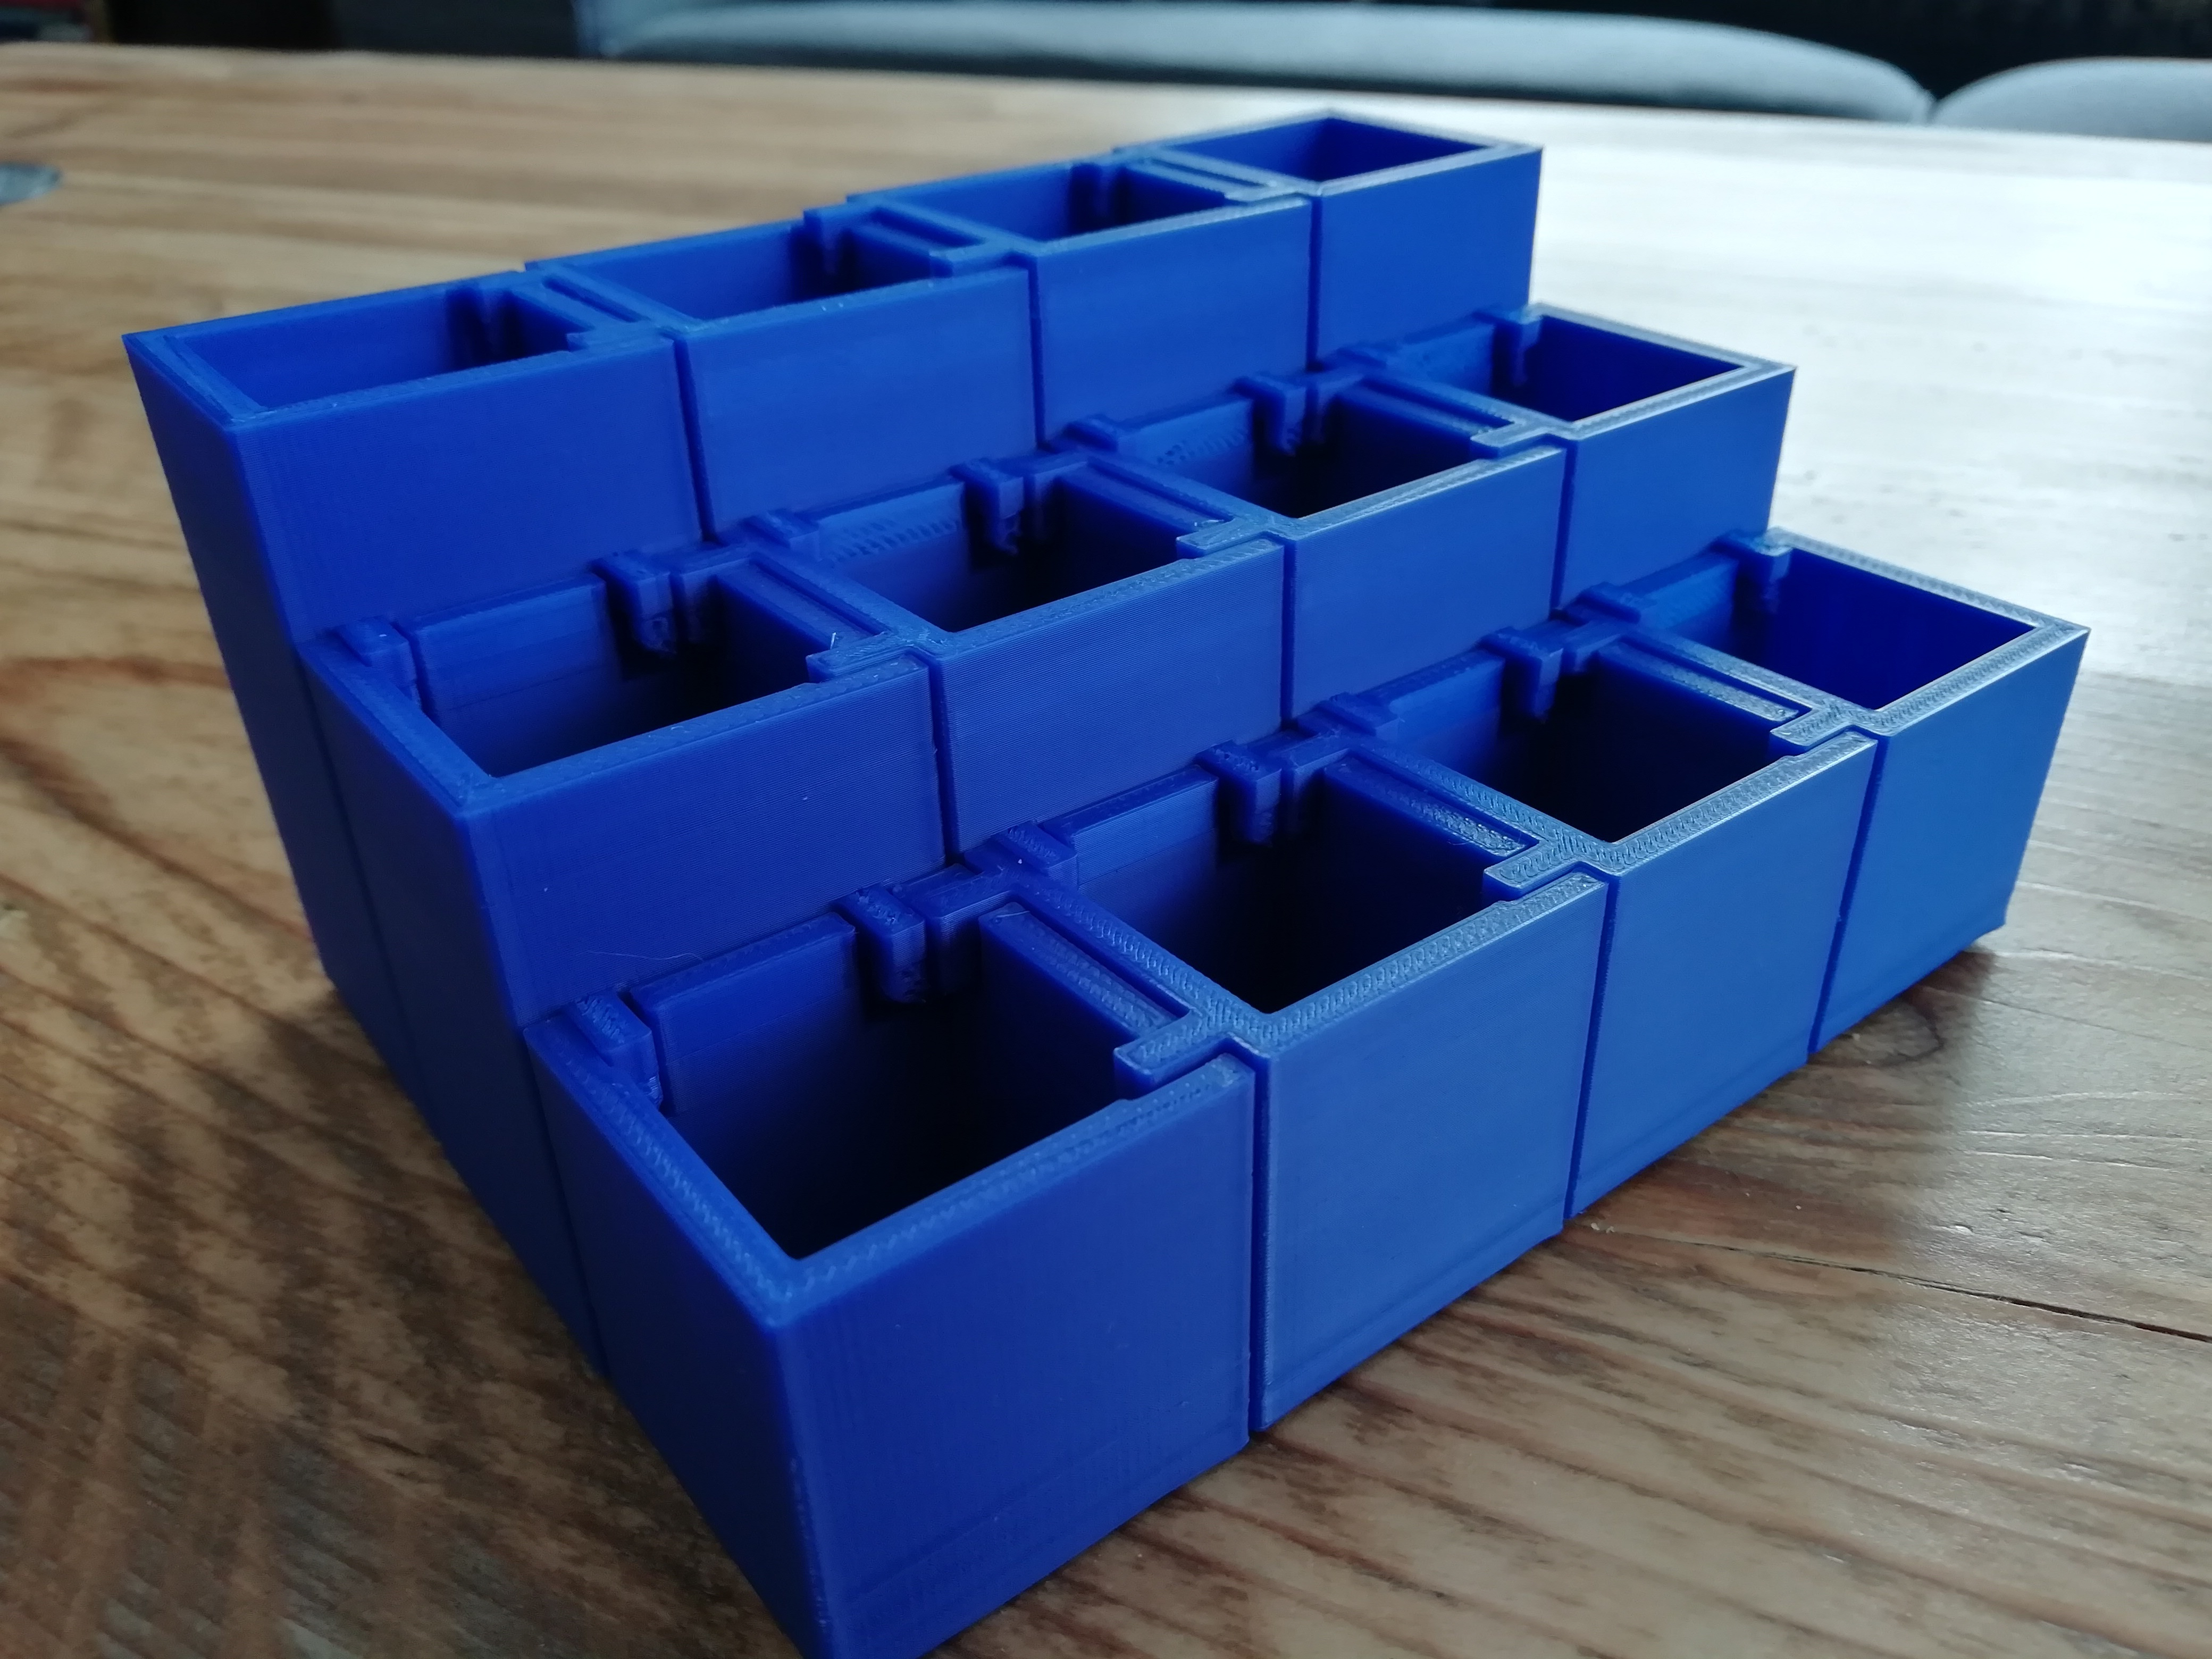 cubes_1.jpg Download STL file Make-up organizer • 3D print design, eAgent